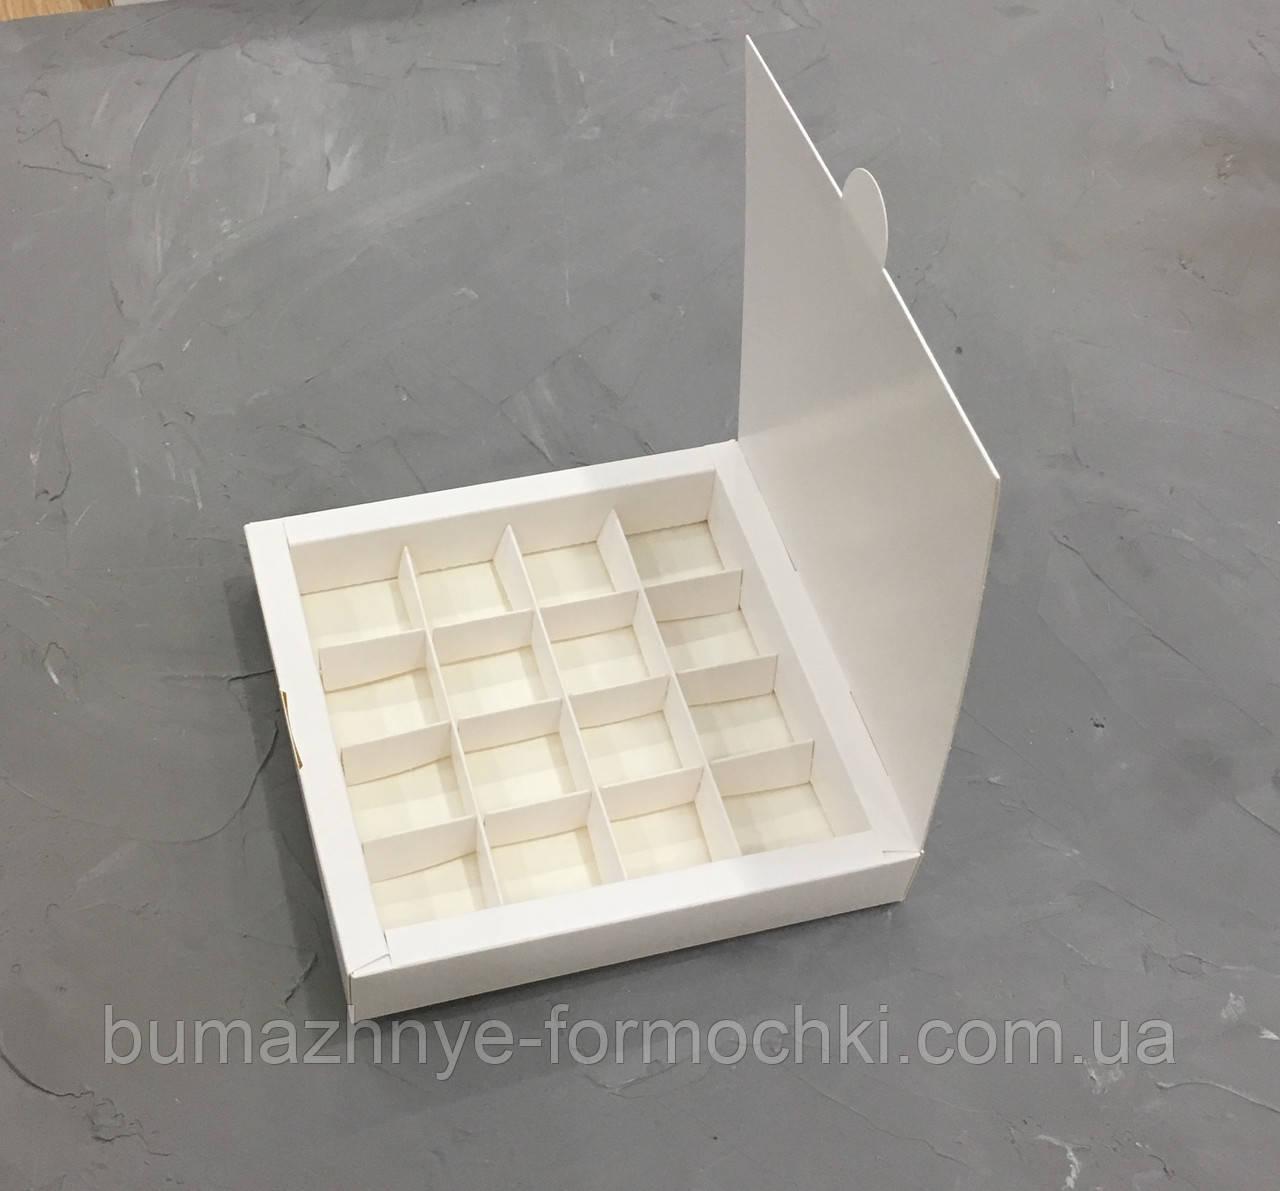 Коробка на 16-ть конфет, белая  185х185х30